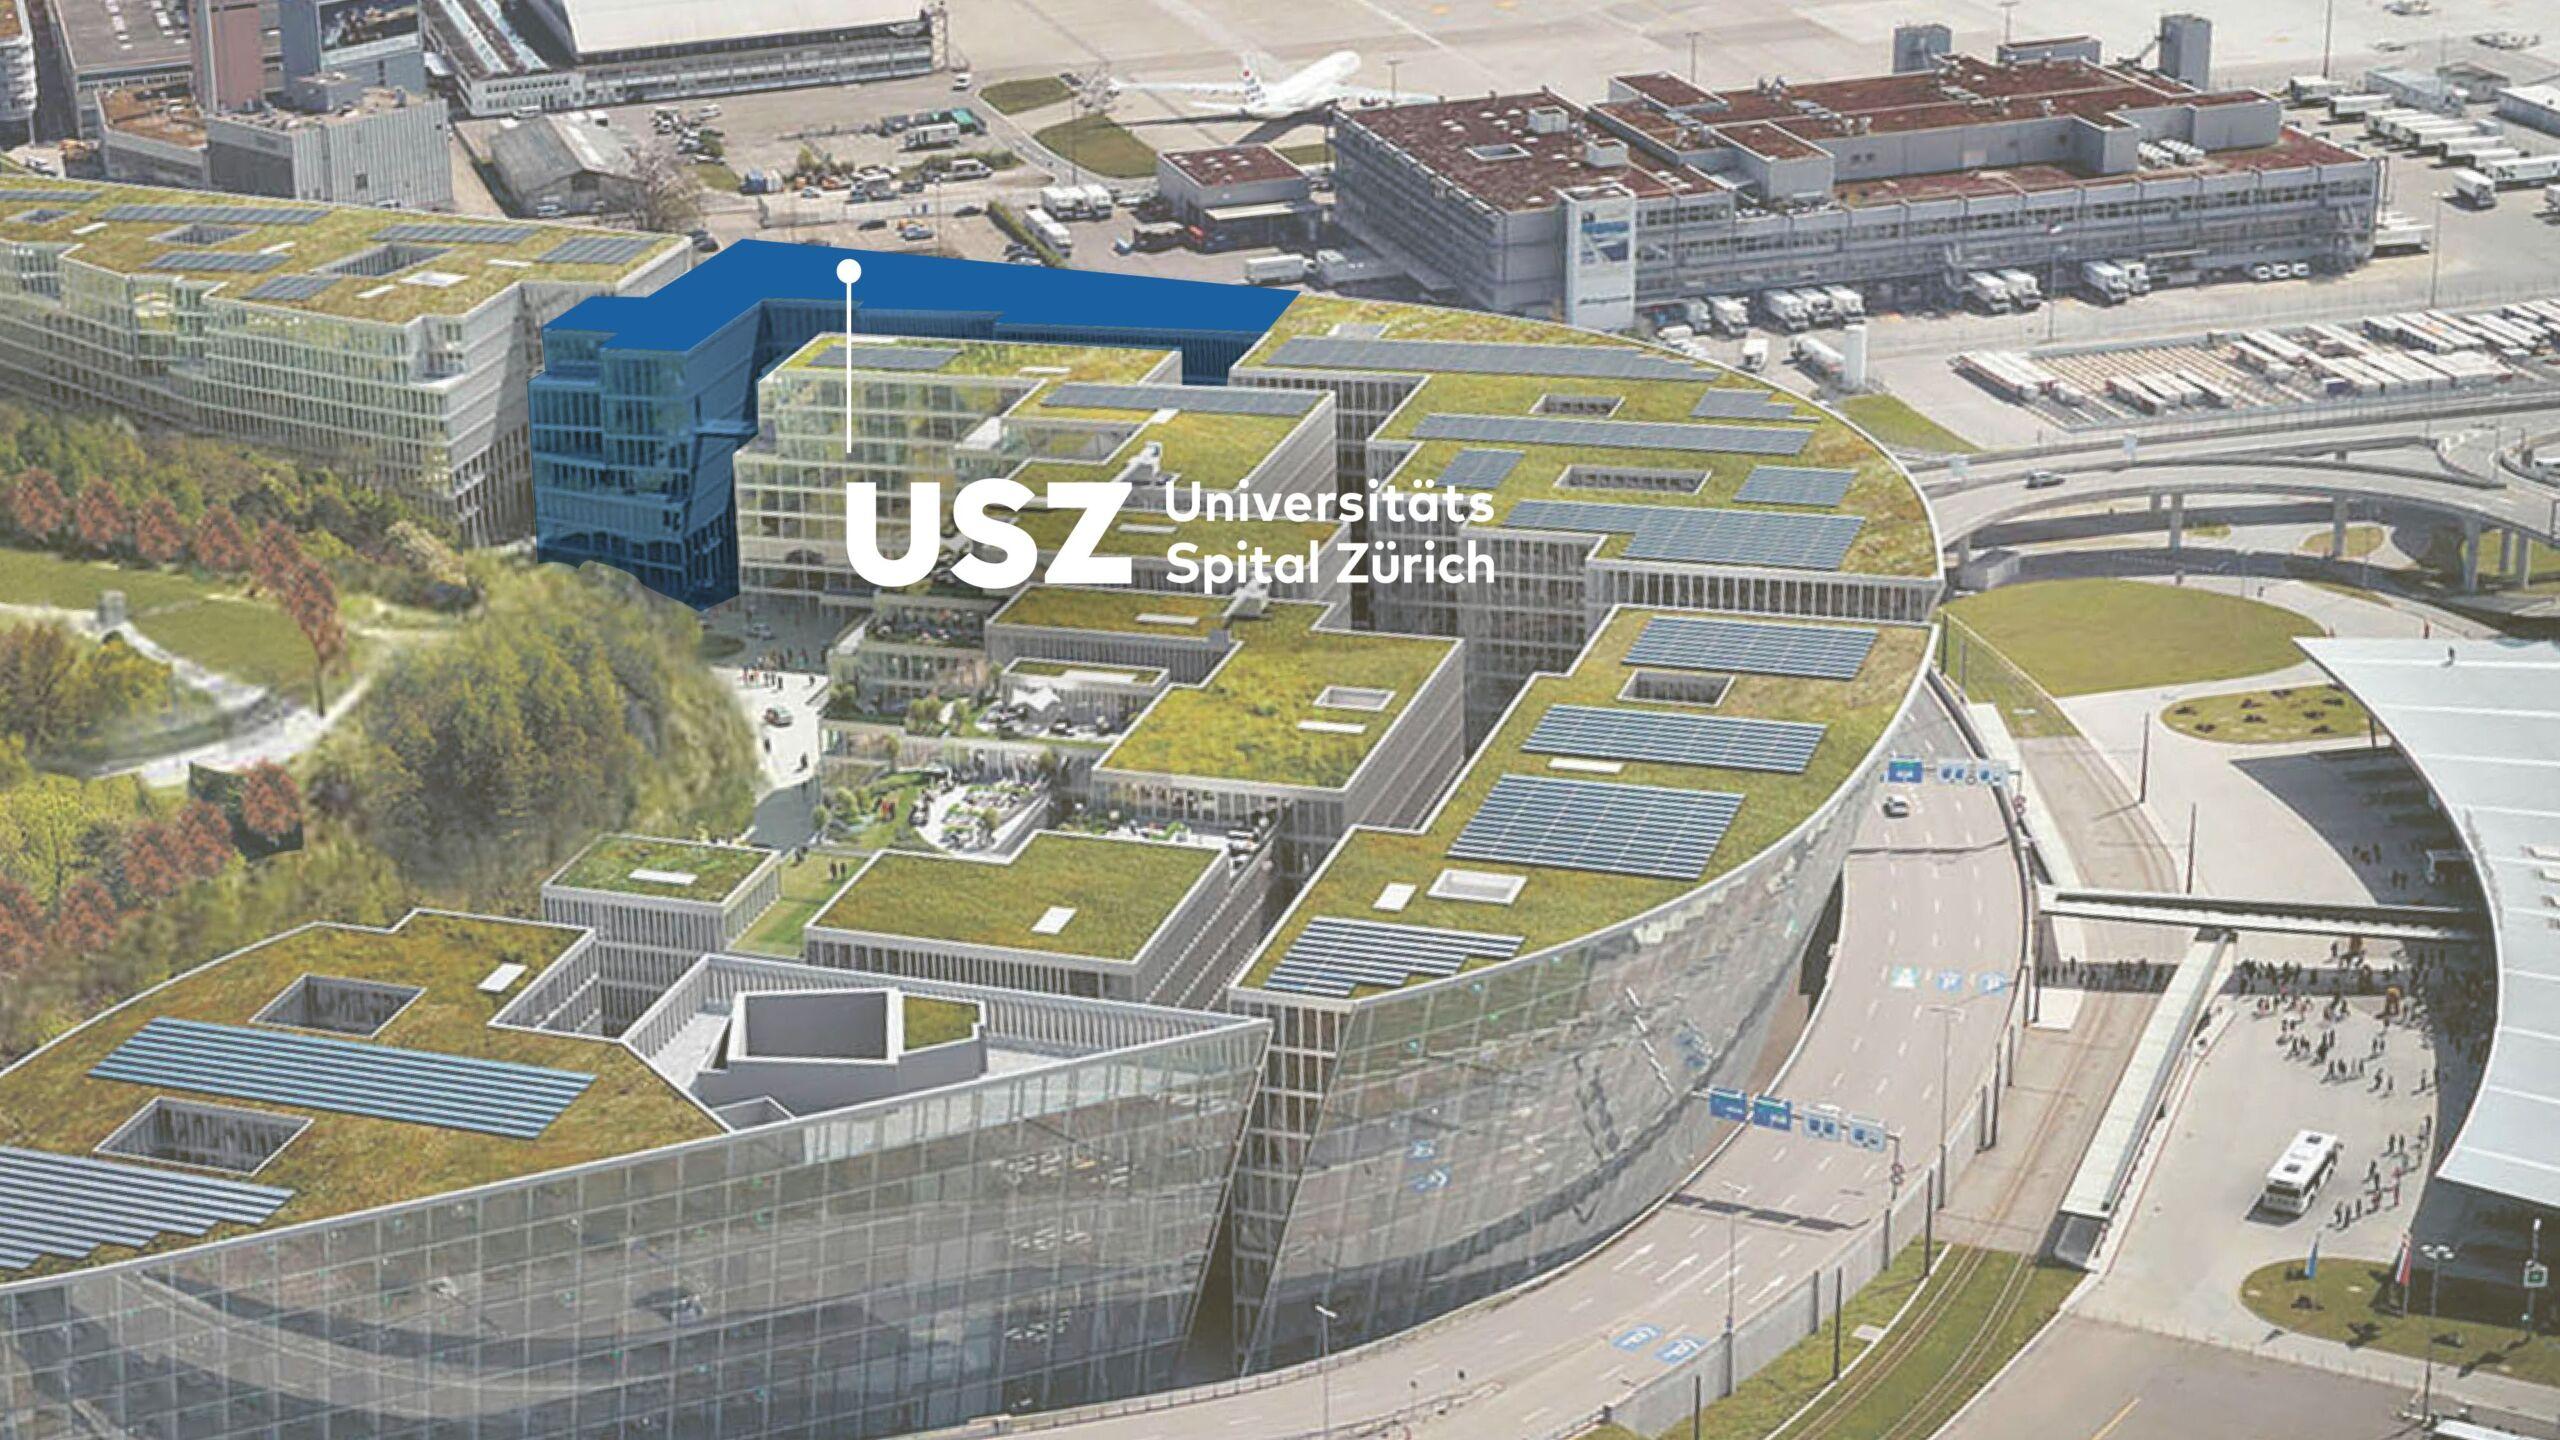 USZ Flughafen